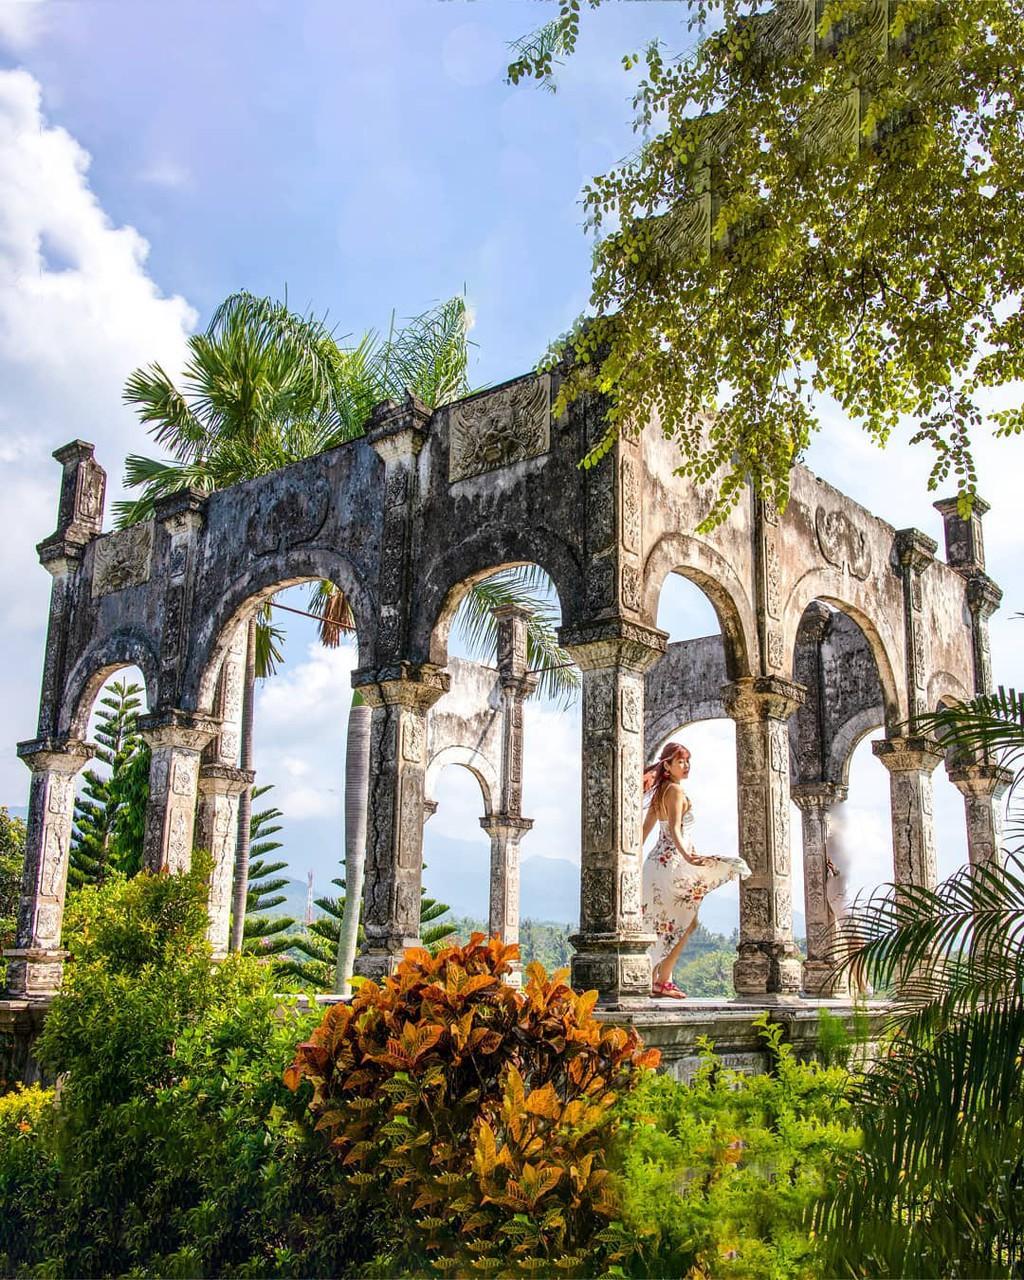 Cung điện tại Bali thu hút các tín đồ du lịch - Ảnh 7.